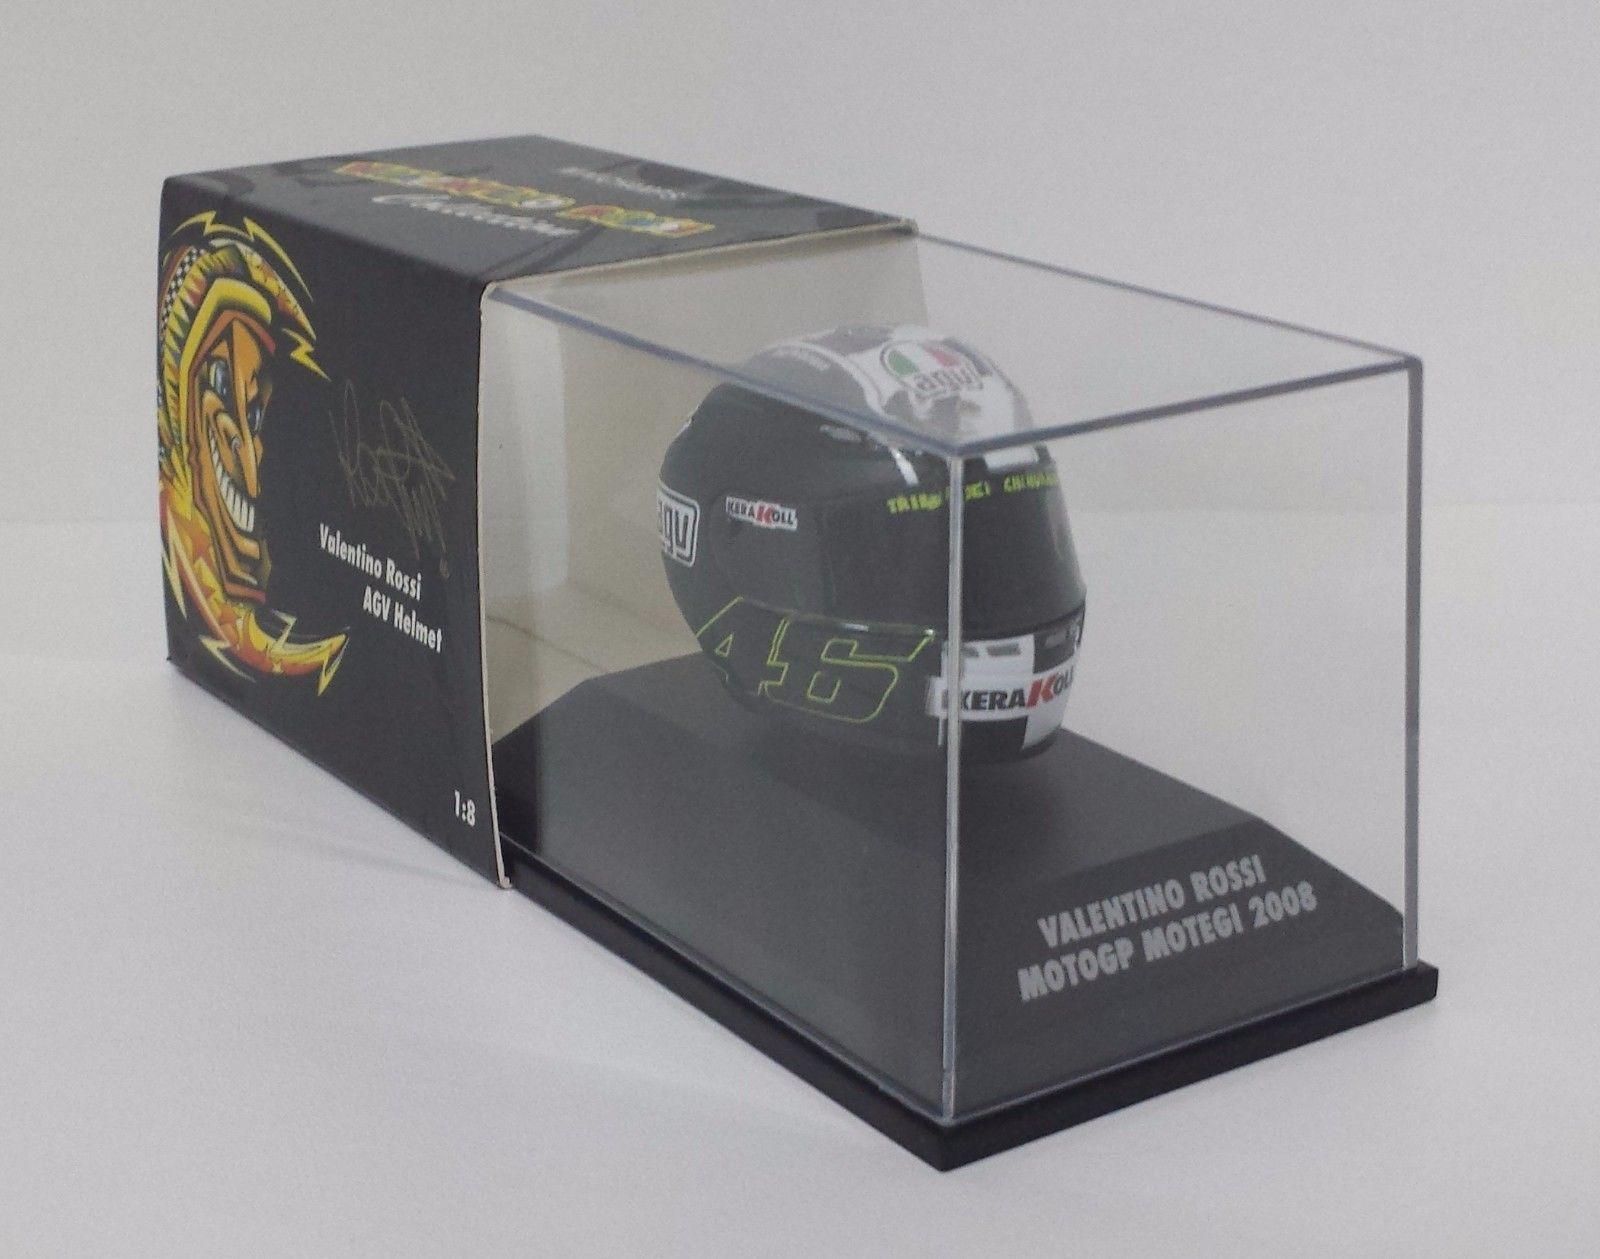 MINICHAMPS VALENTINO ROSSI AGV CASCO HELMET 1/8 W.CHAMPION MOTOGP MOTEGI 2008